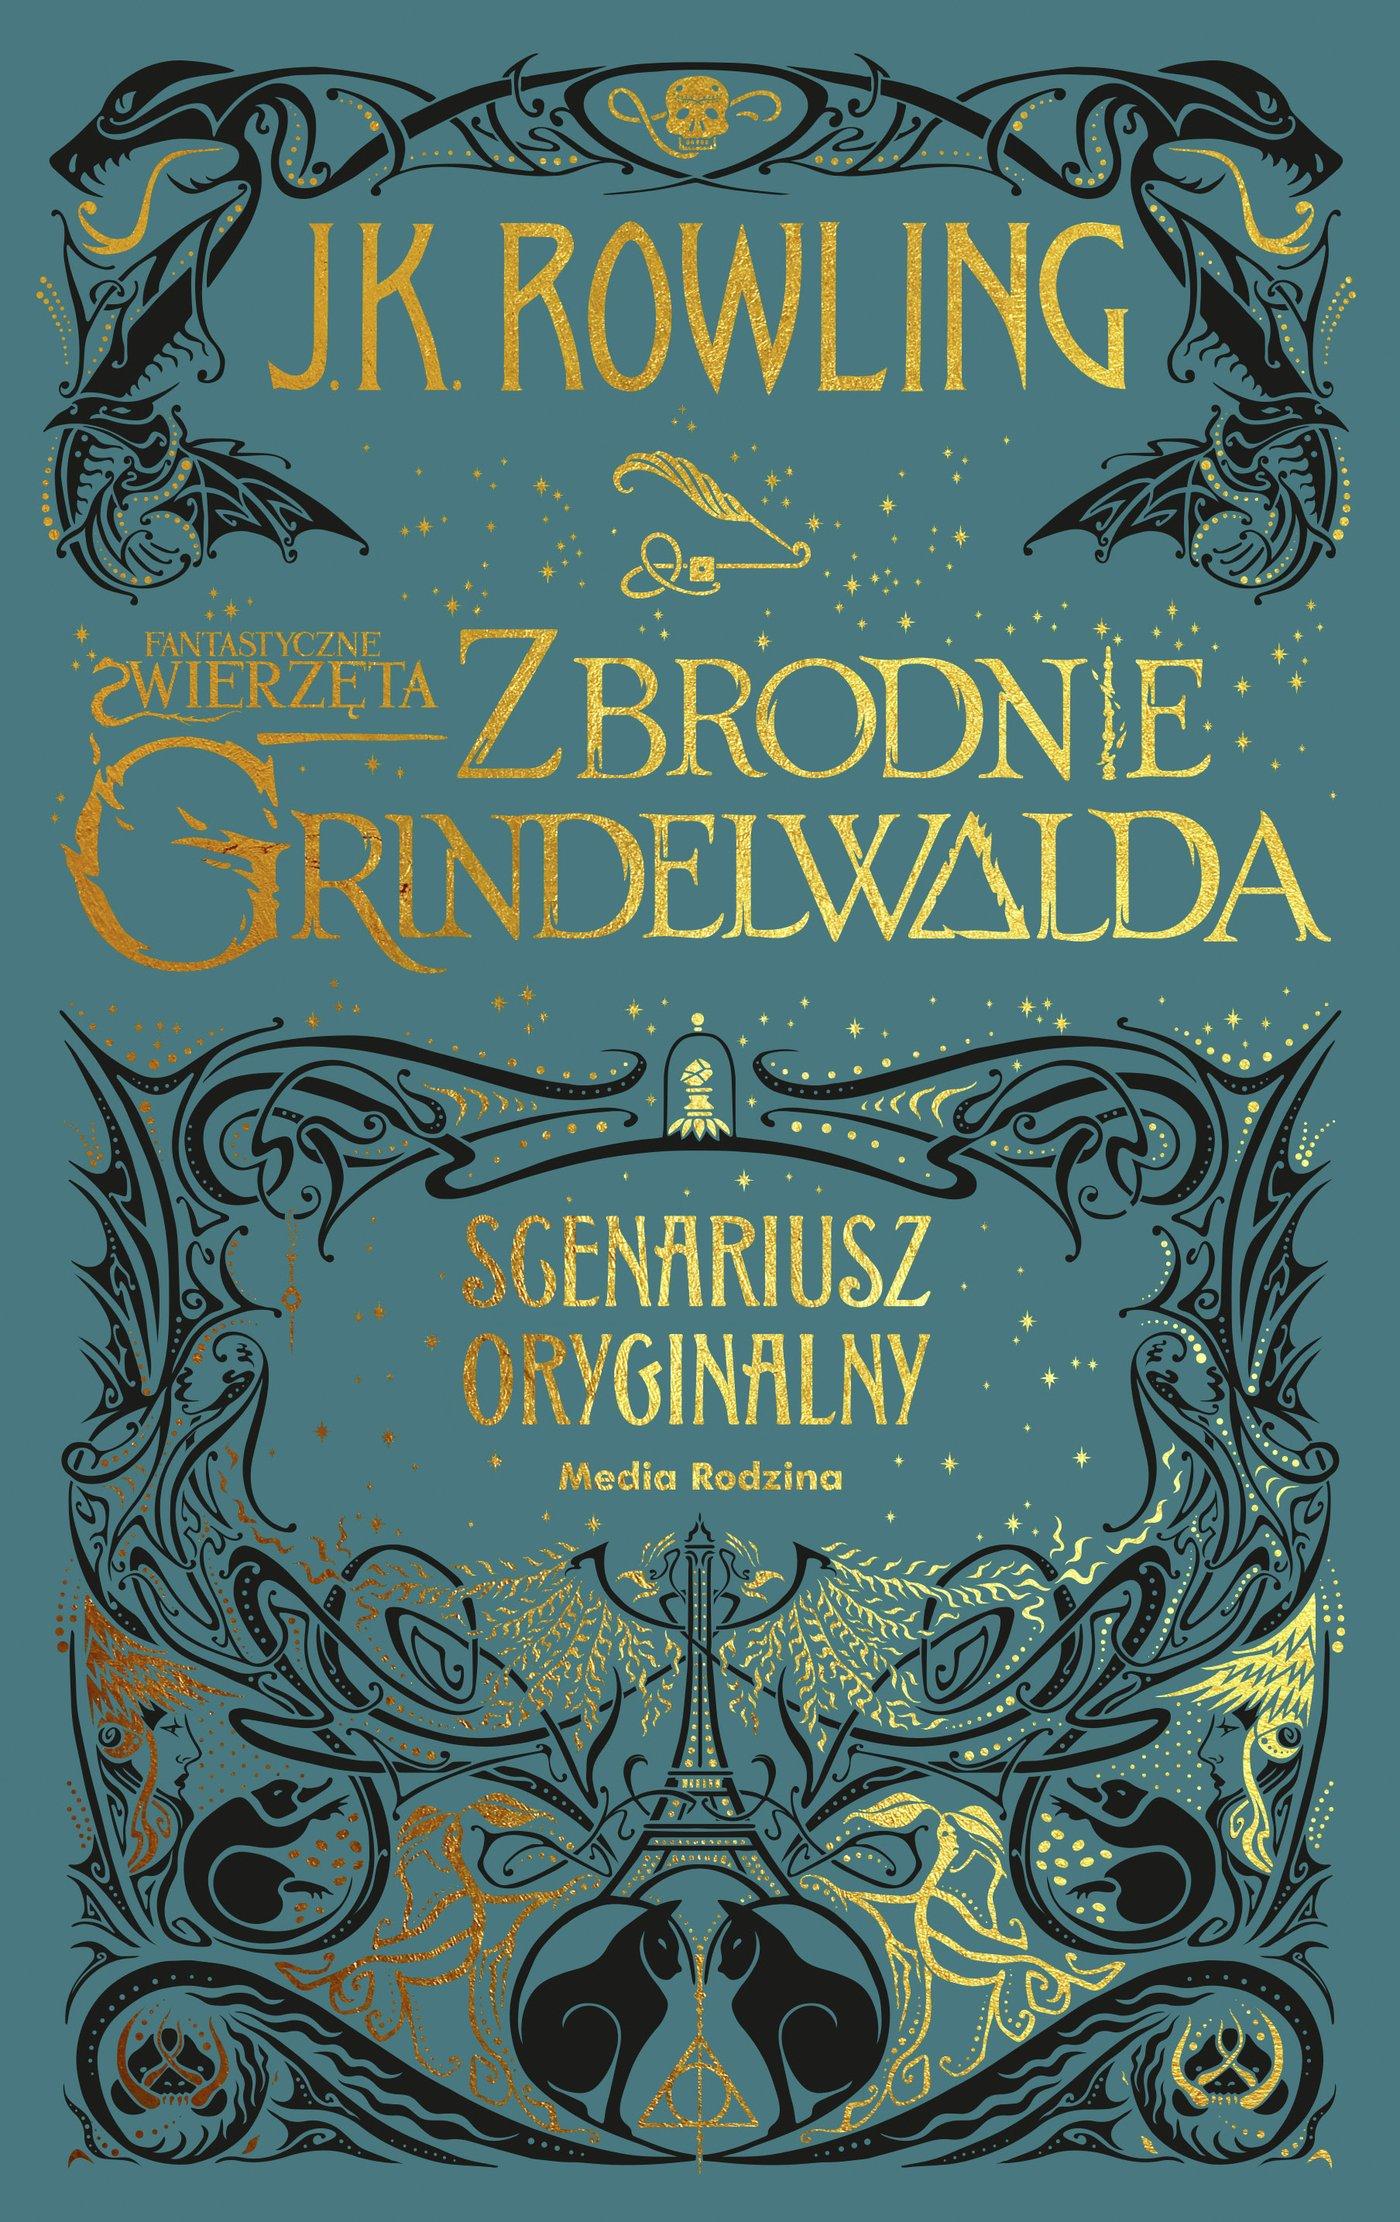 Fantastyczne zwierzęta. Zbrodnie Grindelwalda - Ebook (Książka na Kindle) do pobrania w formacie MOBI